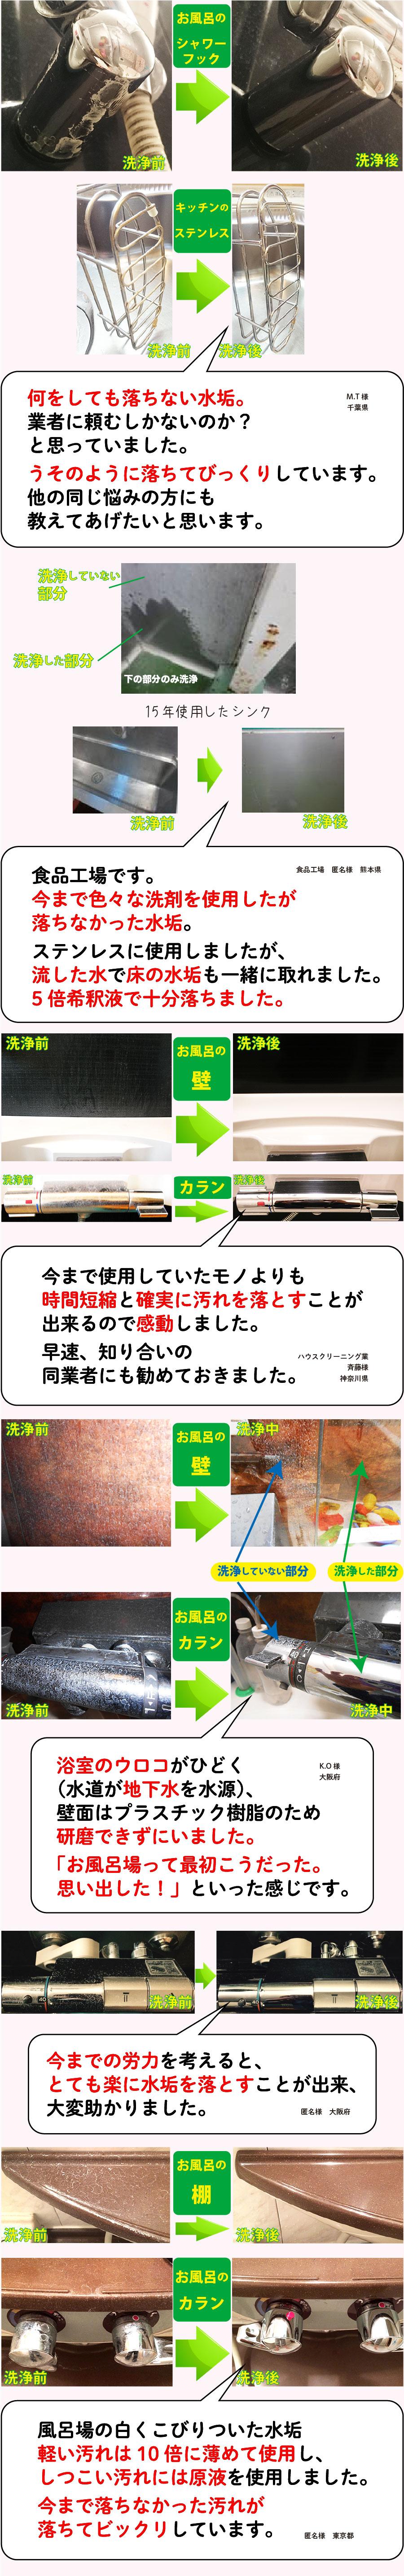 テラクリーナーヤマトを使われた方々のお声 水垢落とし効果のレビュー2